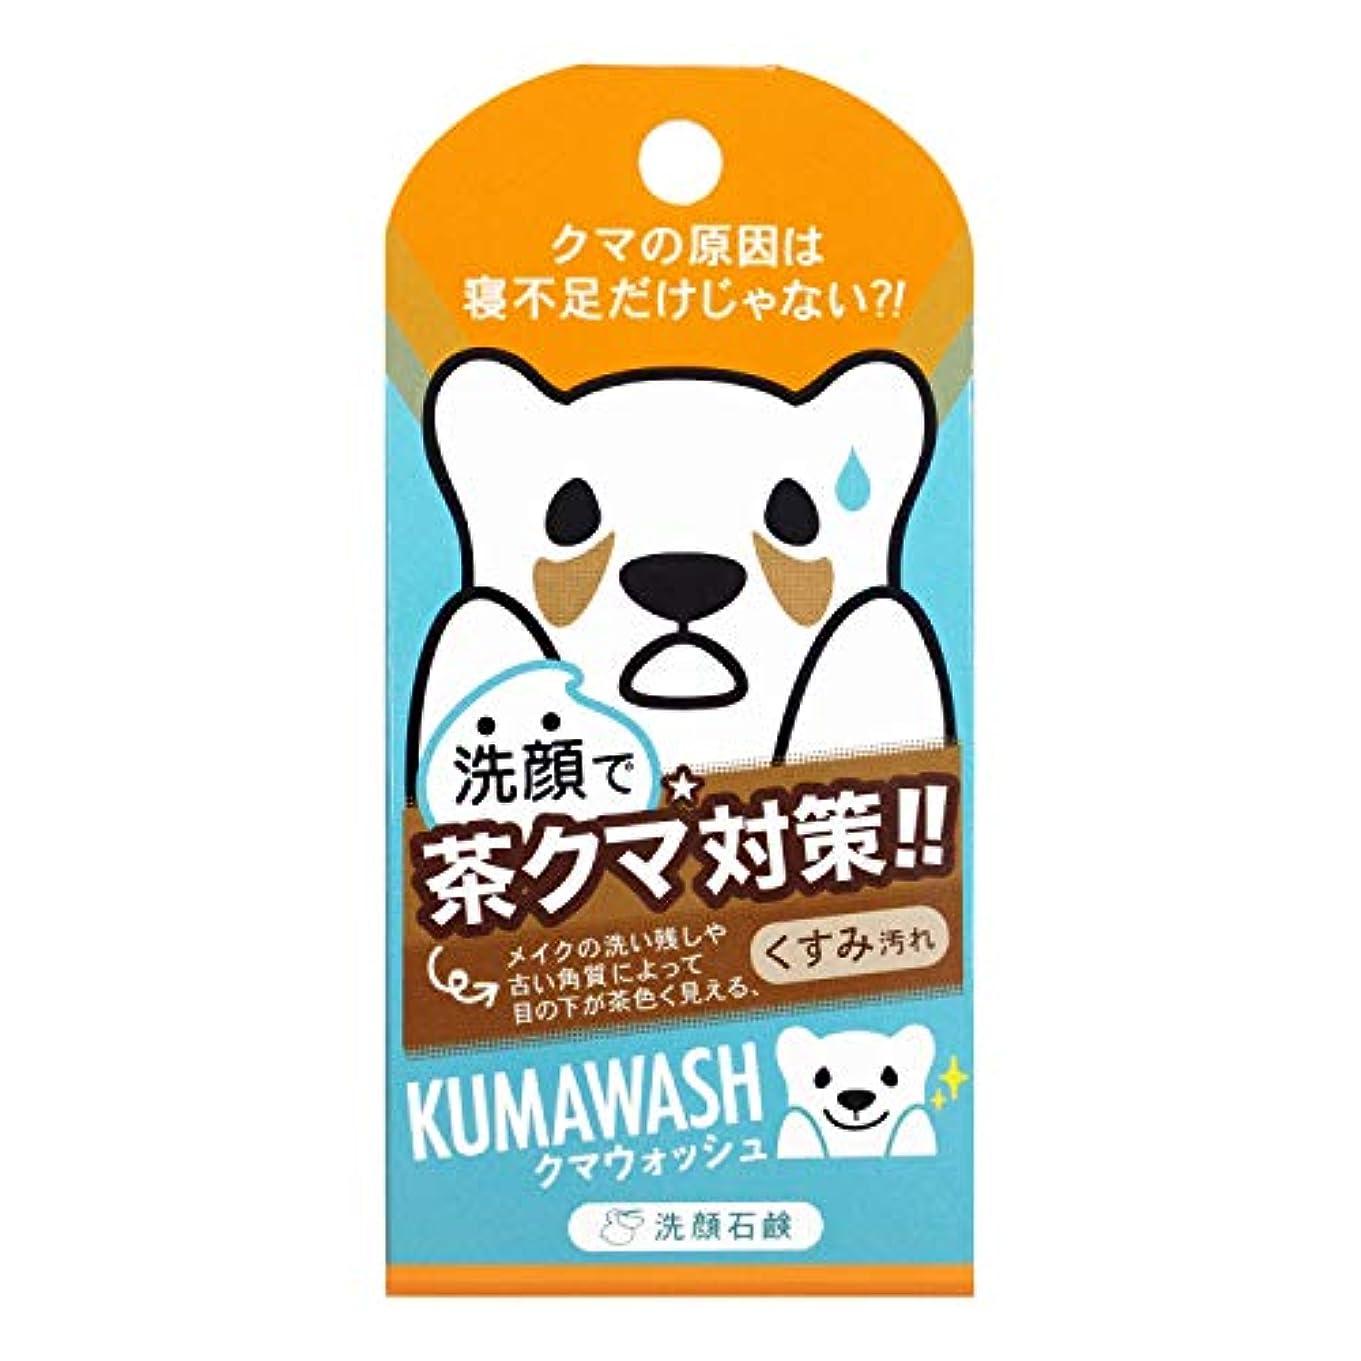 好奇心盛繊維建てるペリカン石鹸 クマウォッシュ洗顔石鹸 75g